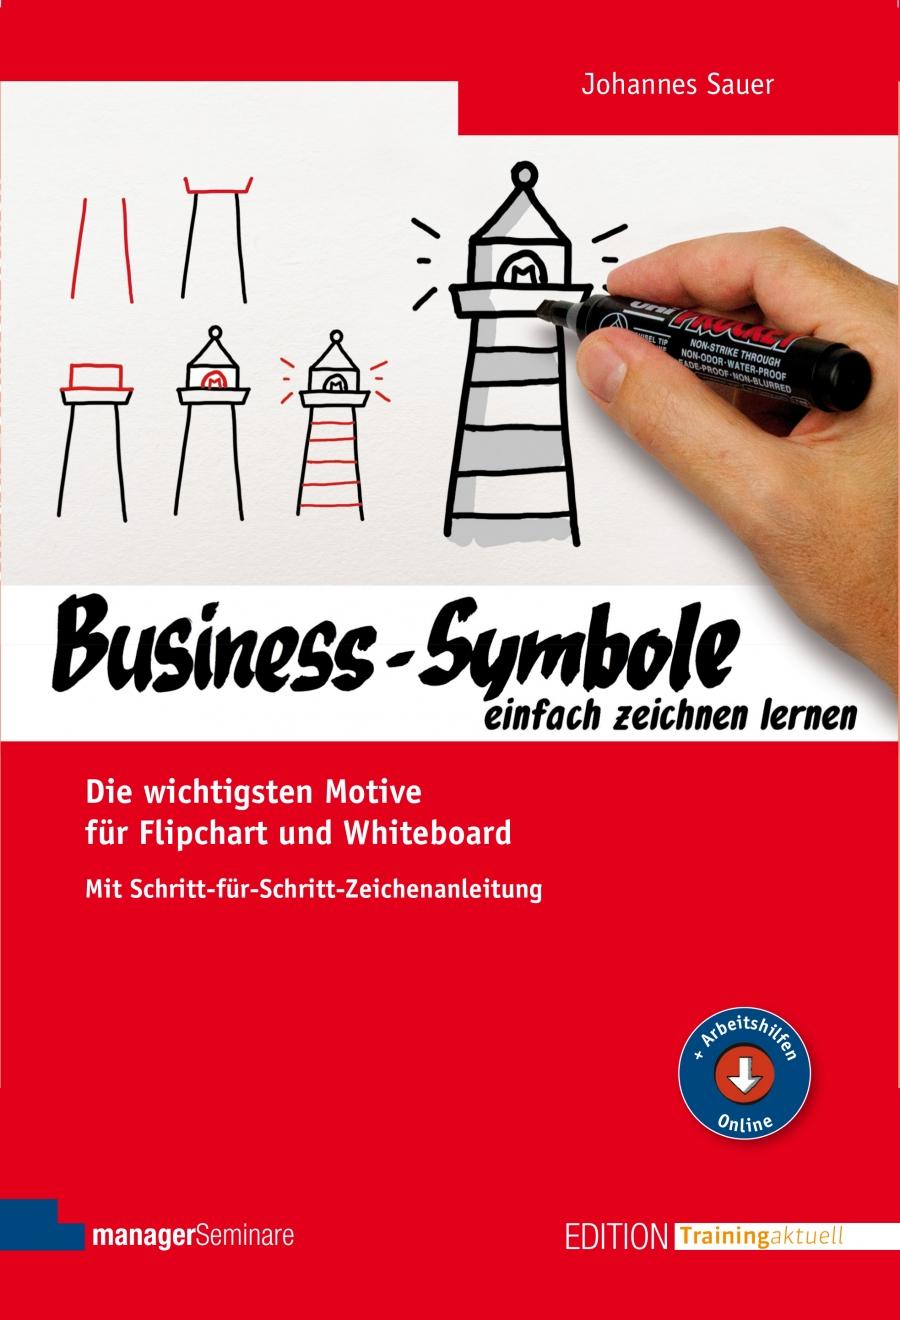 Business-Symbole einfach zeichnen lernen. Mit einfachen Schritten ...